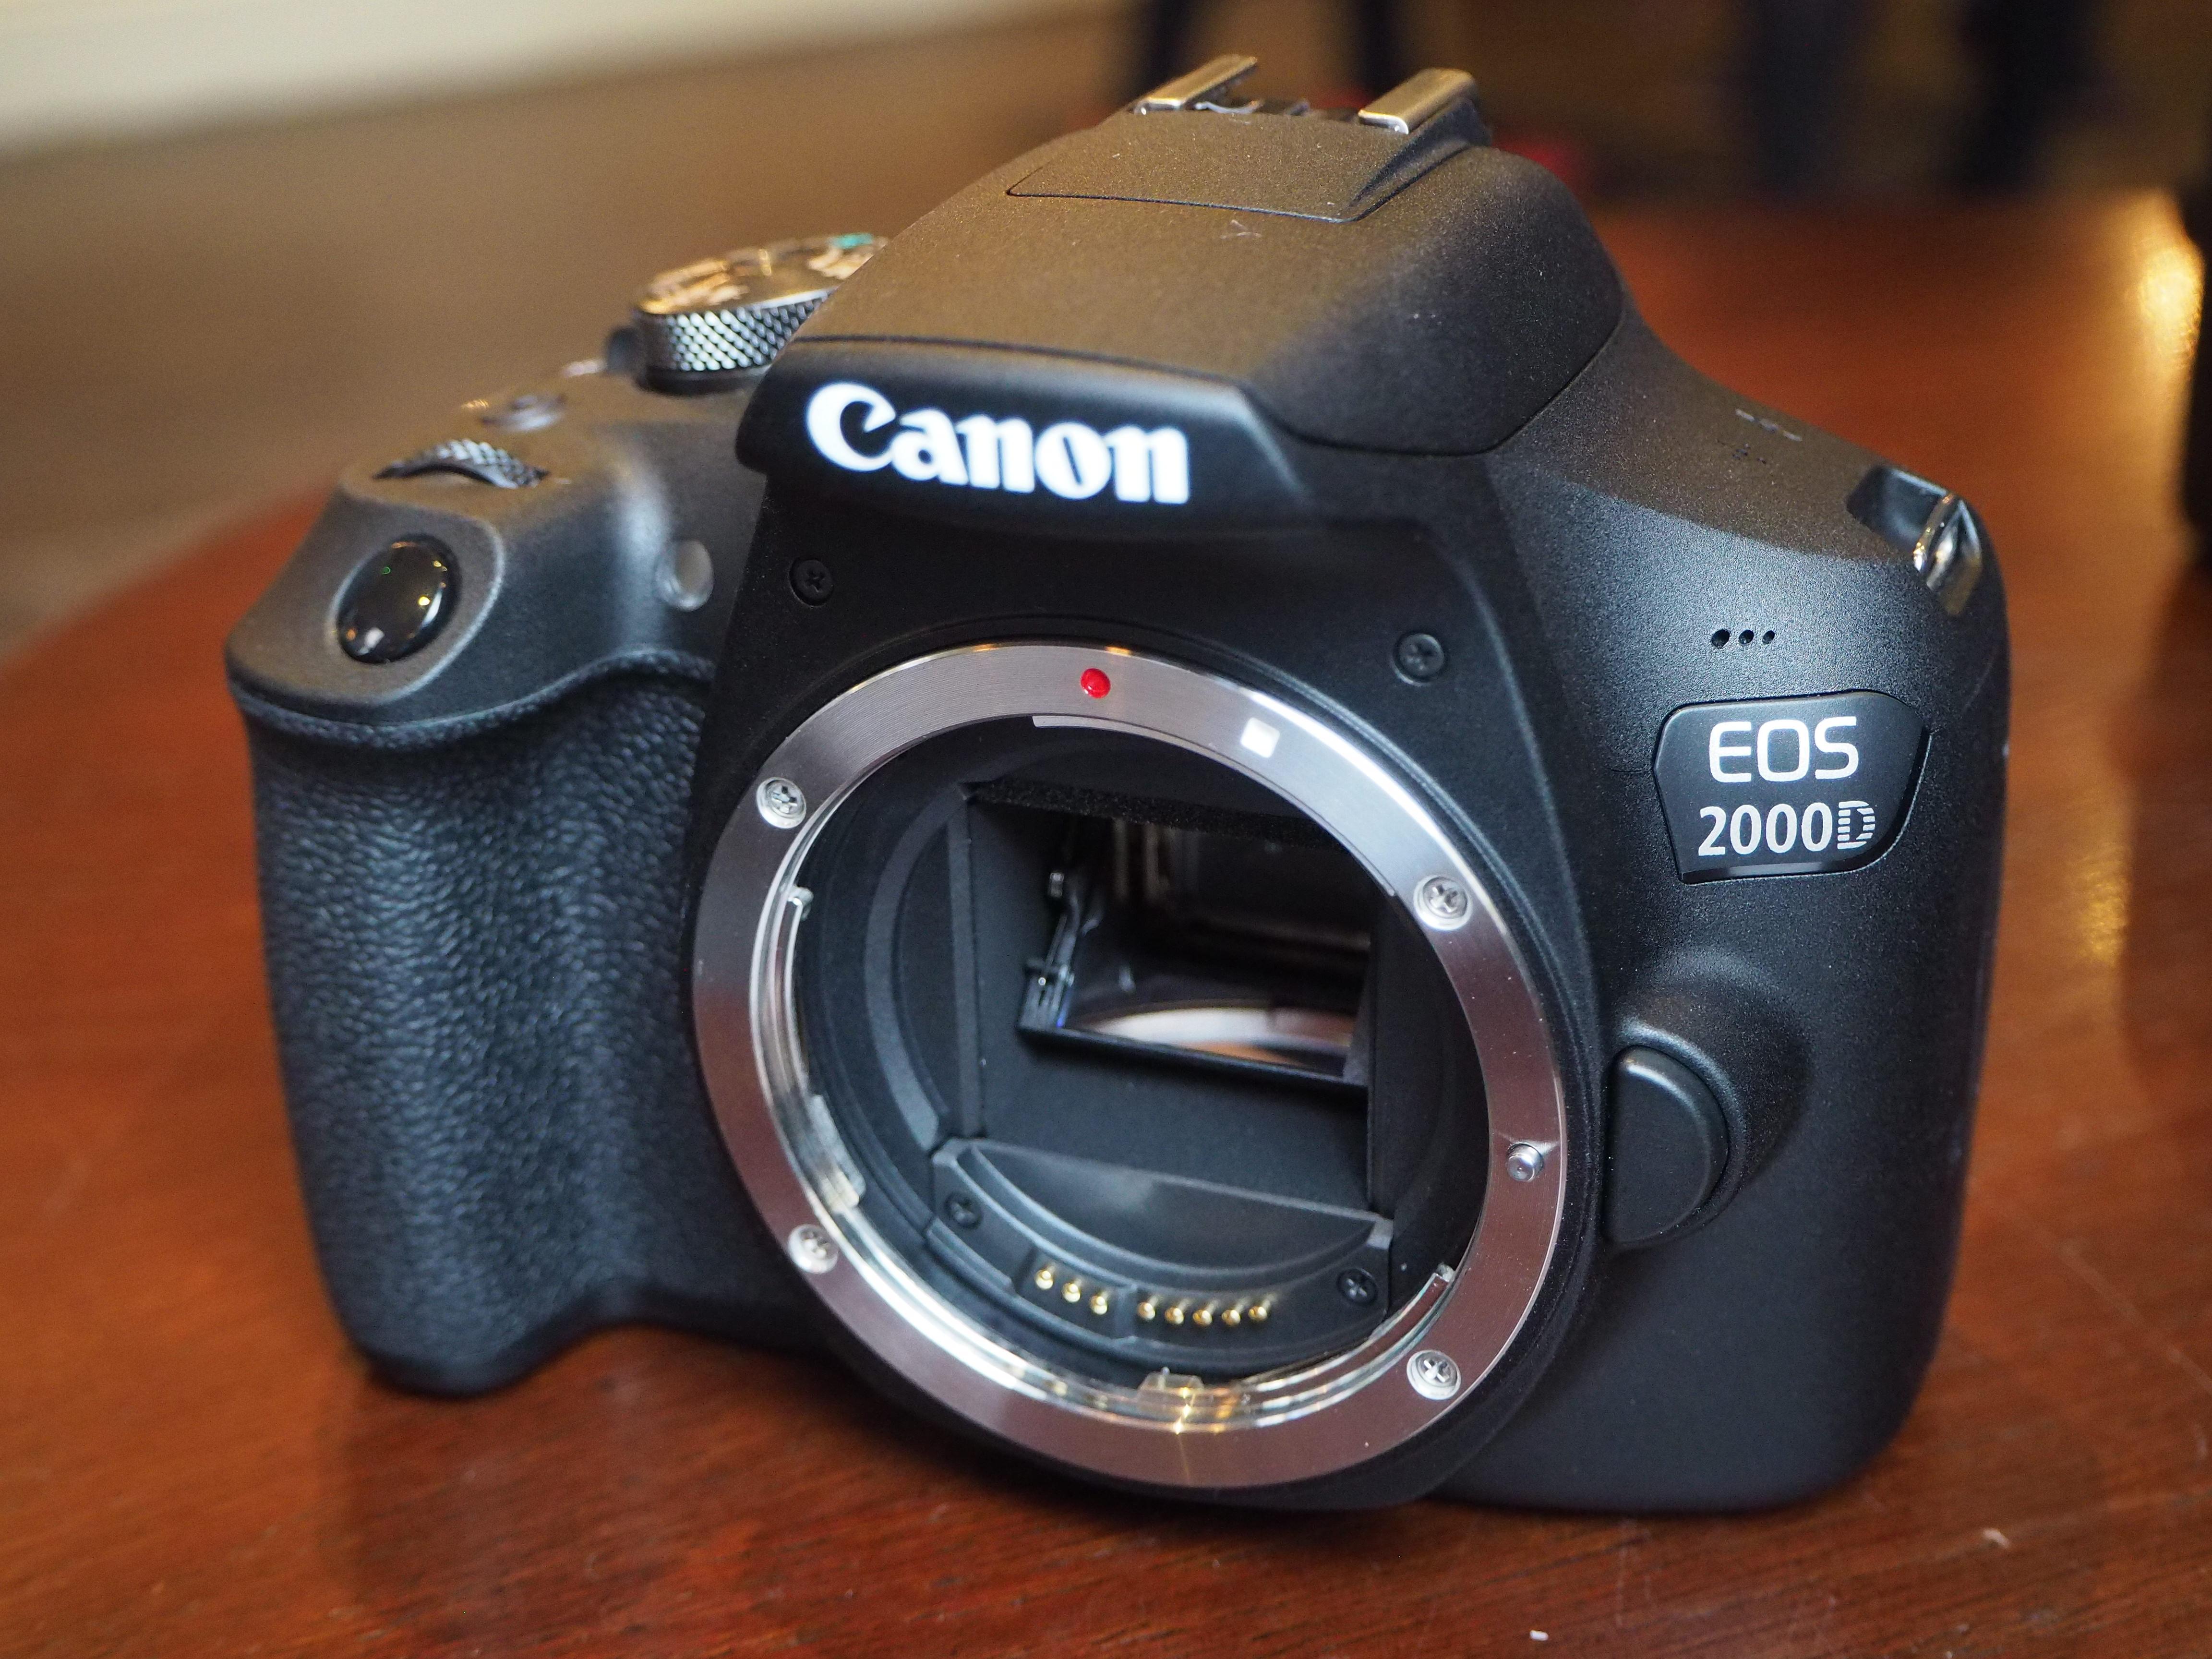 Canon EOS 2000D - Fotocamere - Canon Italia